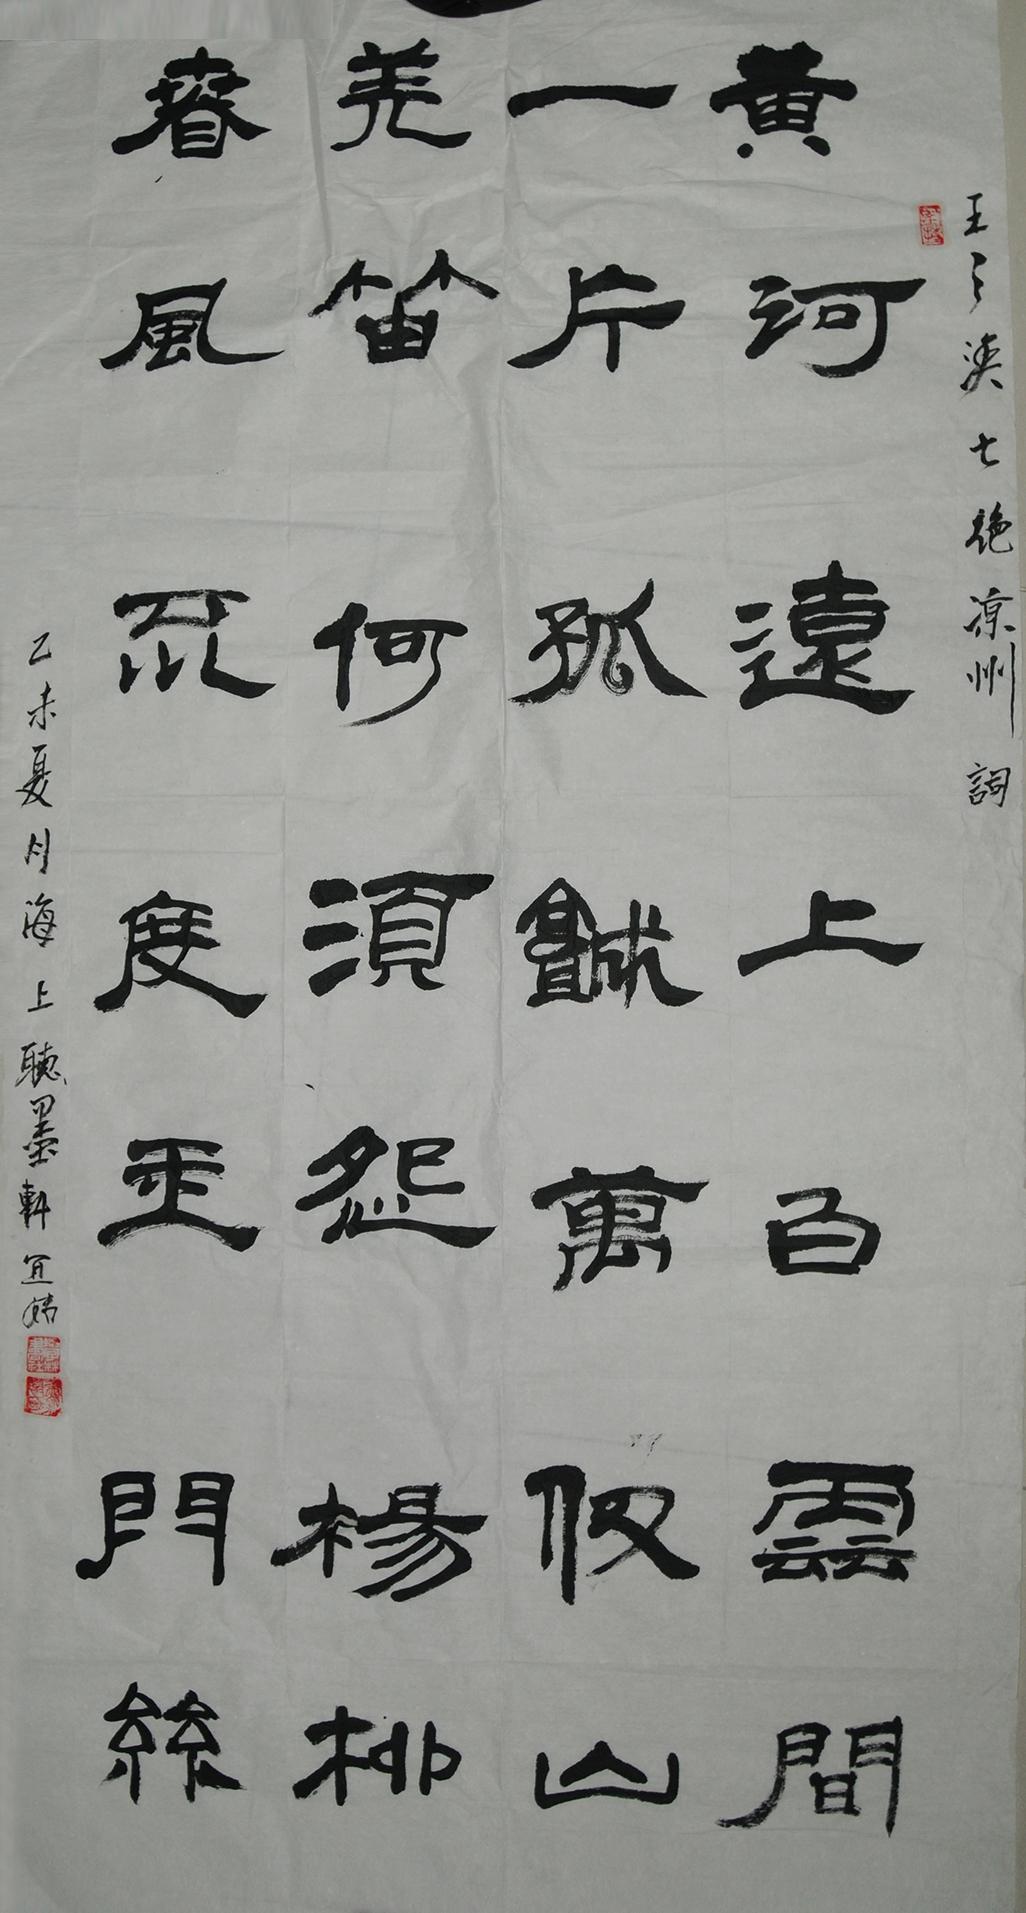 姜宜婧 隶书古诗